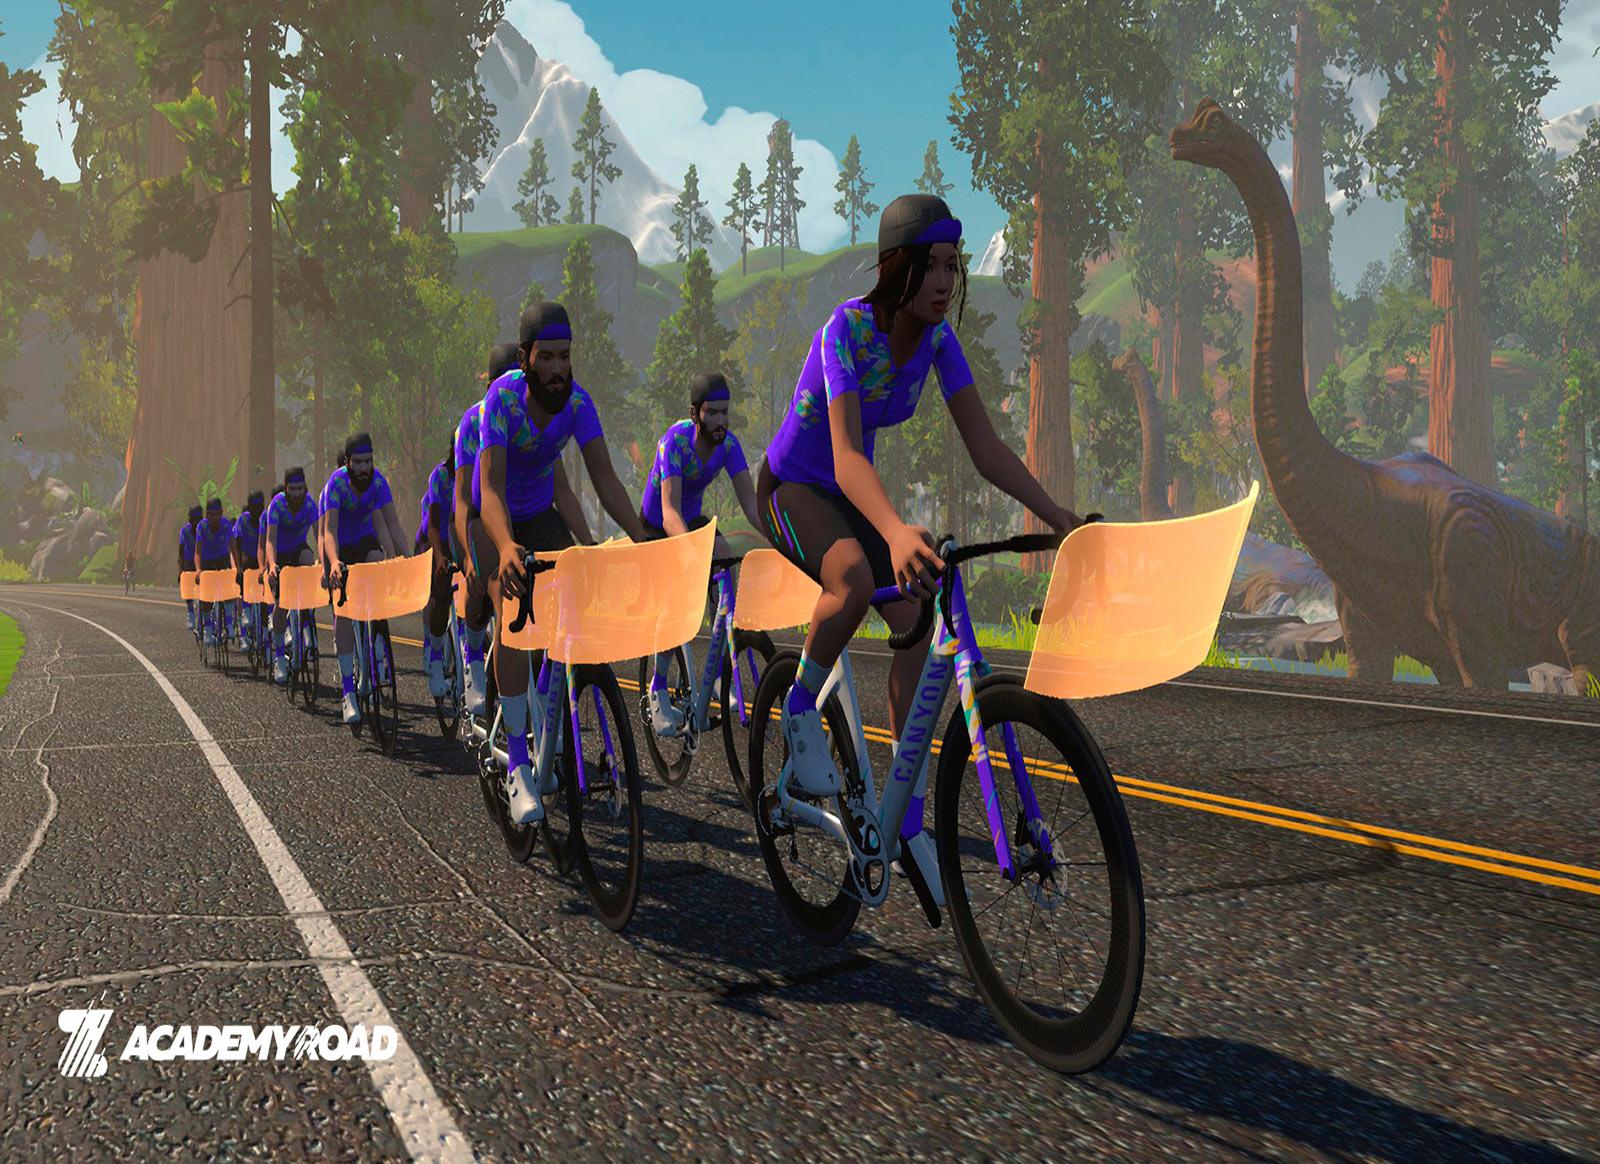 Zwift Academy virtual world ride